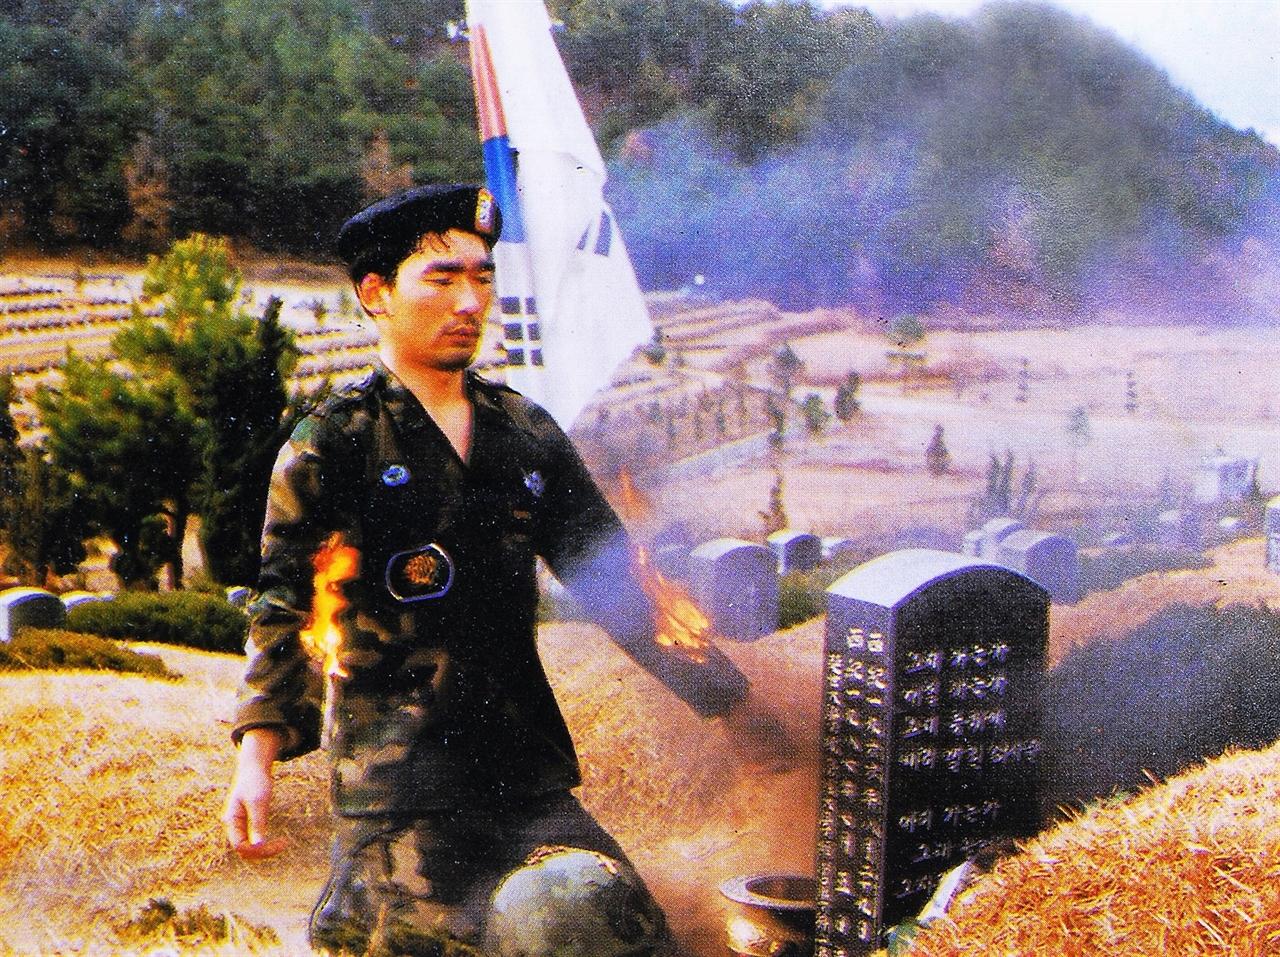 <황무지>의 한 장면. 망월동 묘지에서 분신하는 공수부대원